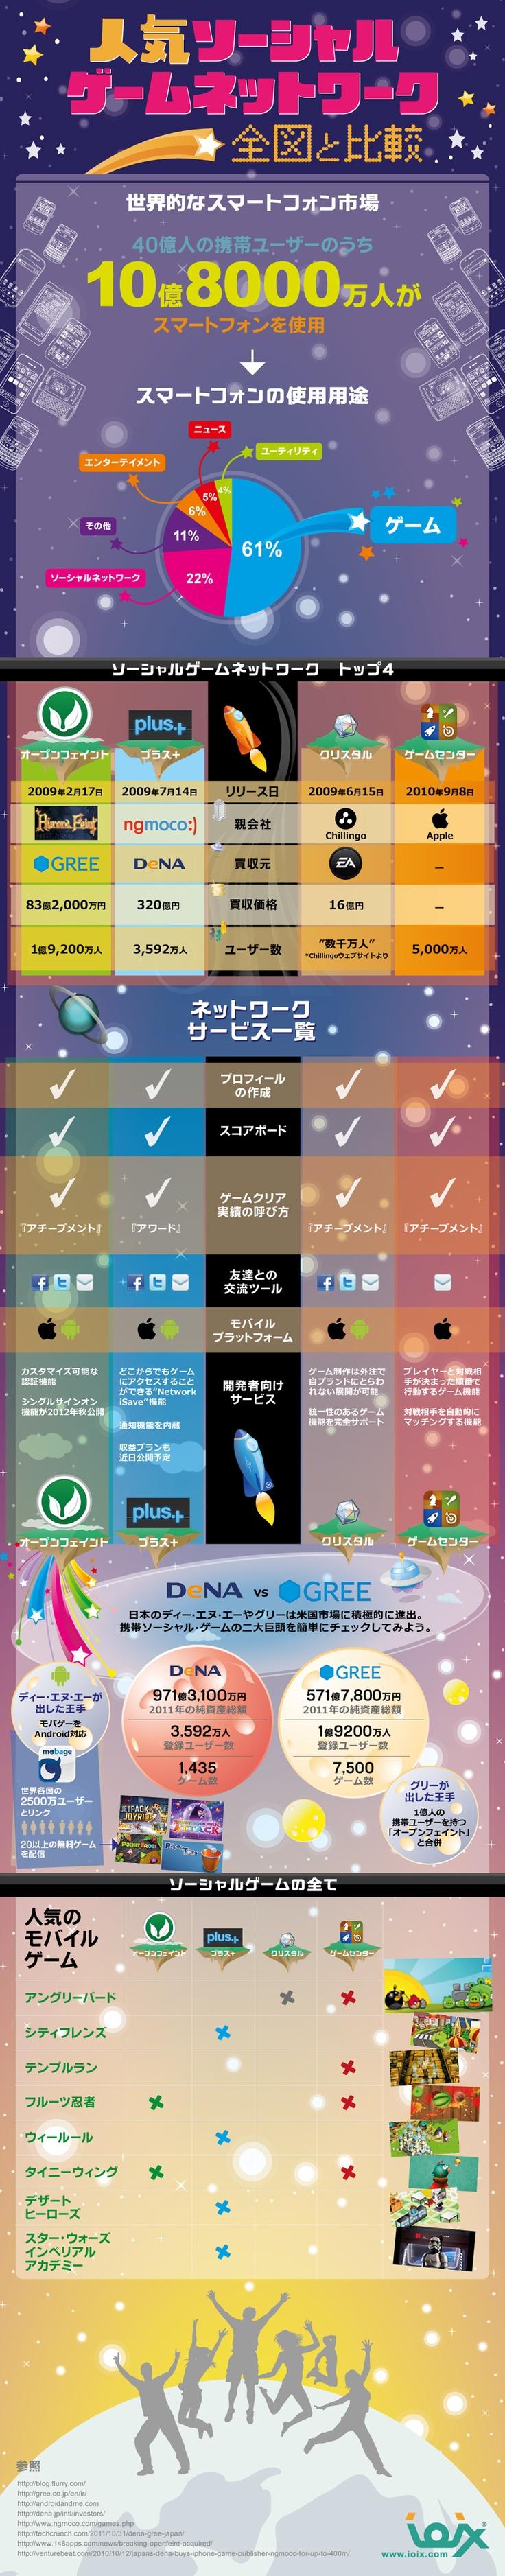 スマホのゲームネットワーク大手4社を比較したインフォグラフィック | SEO Japan